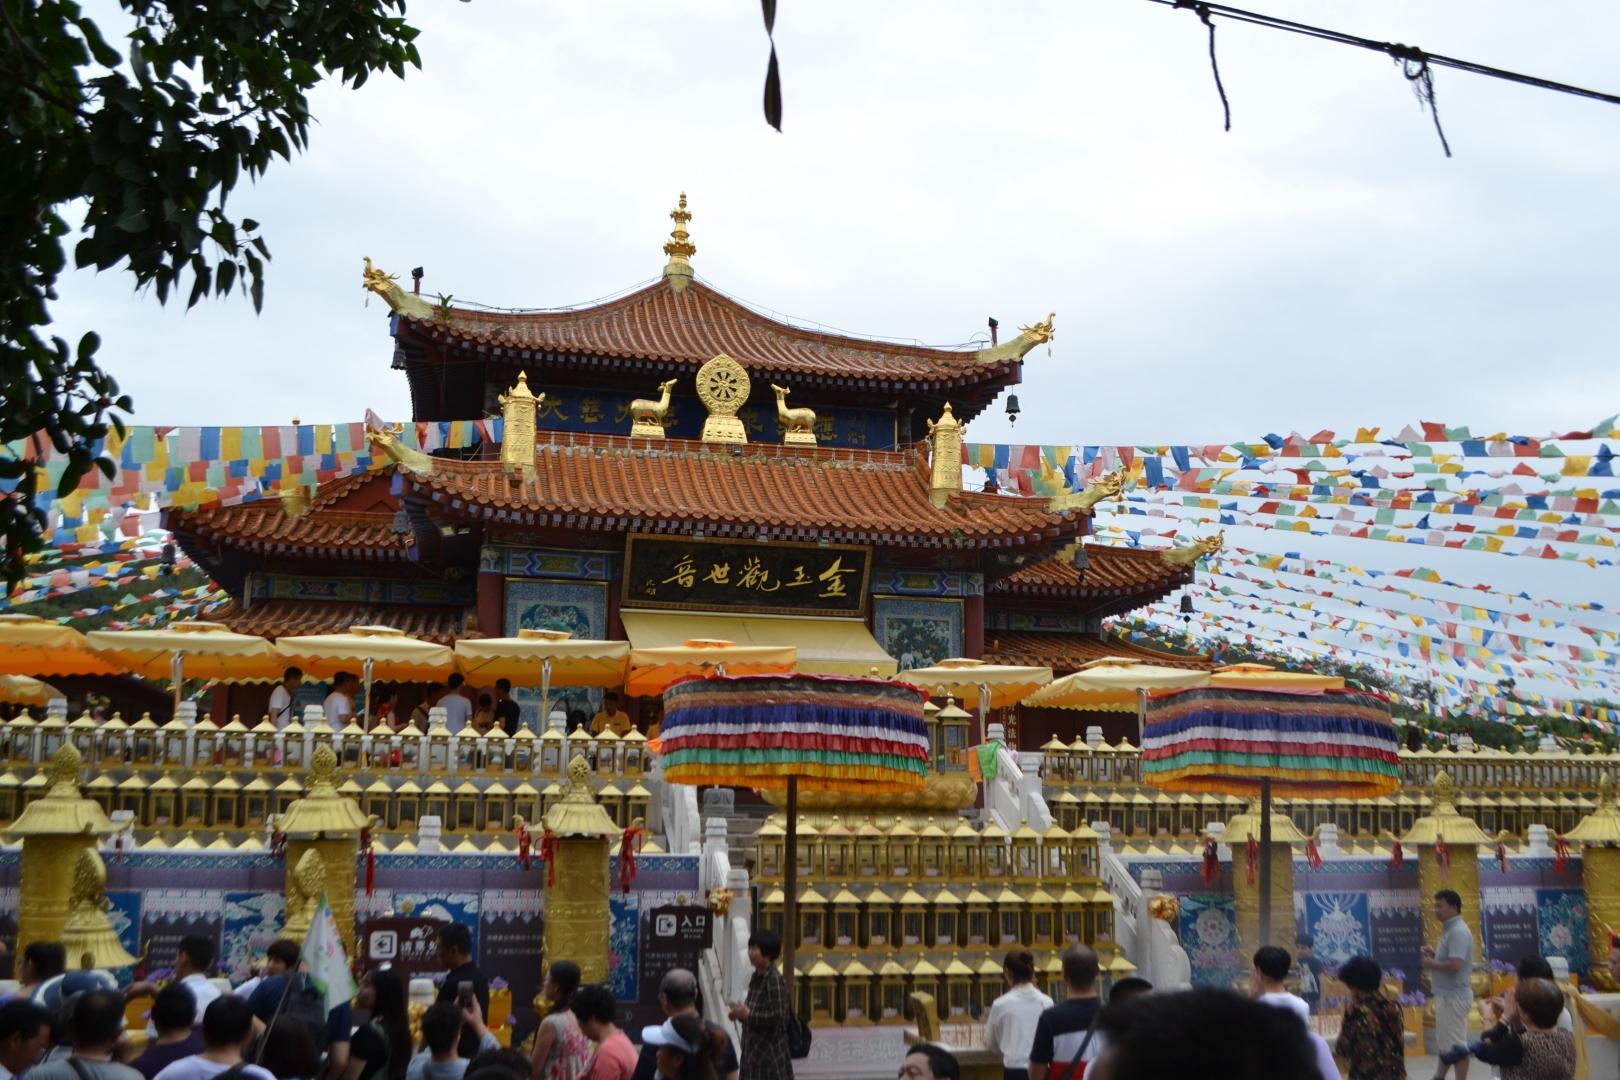 Китай, остров хайнань, центр буддизма наньшань